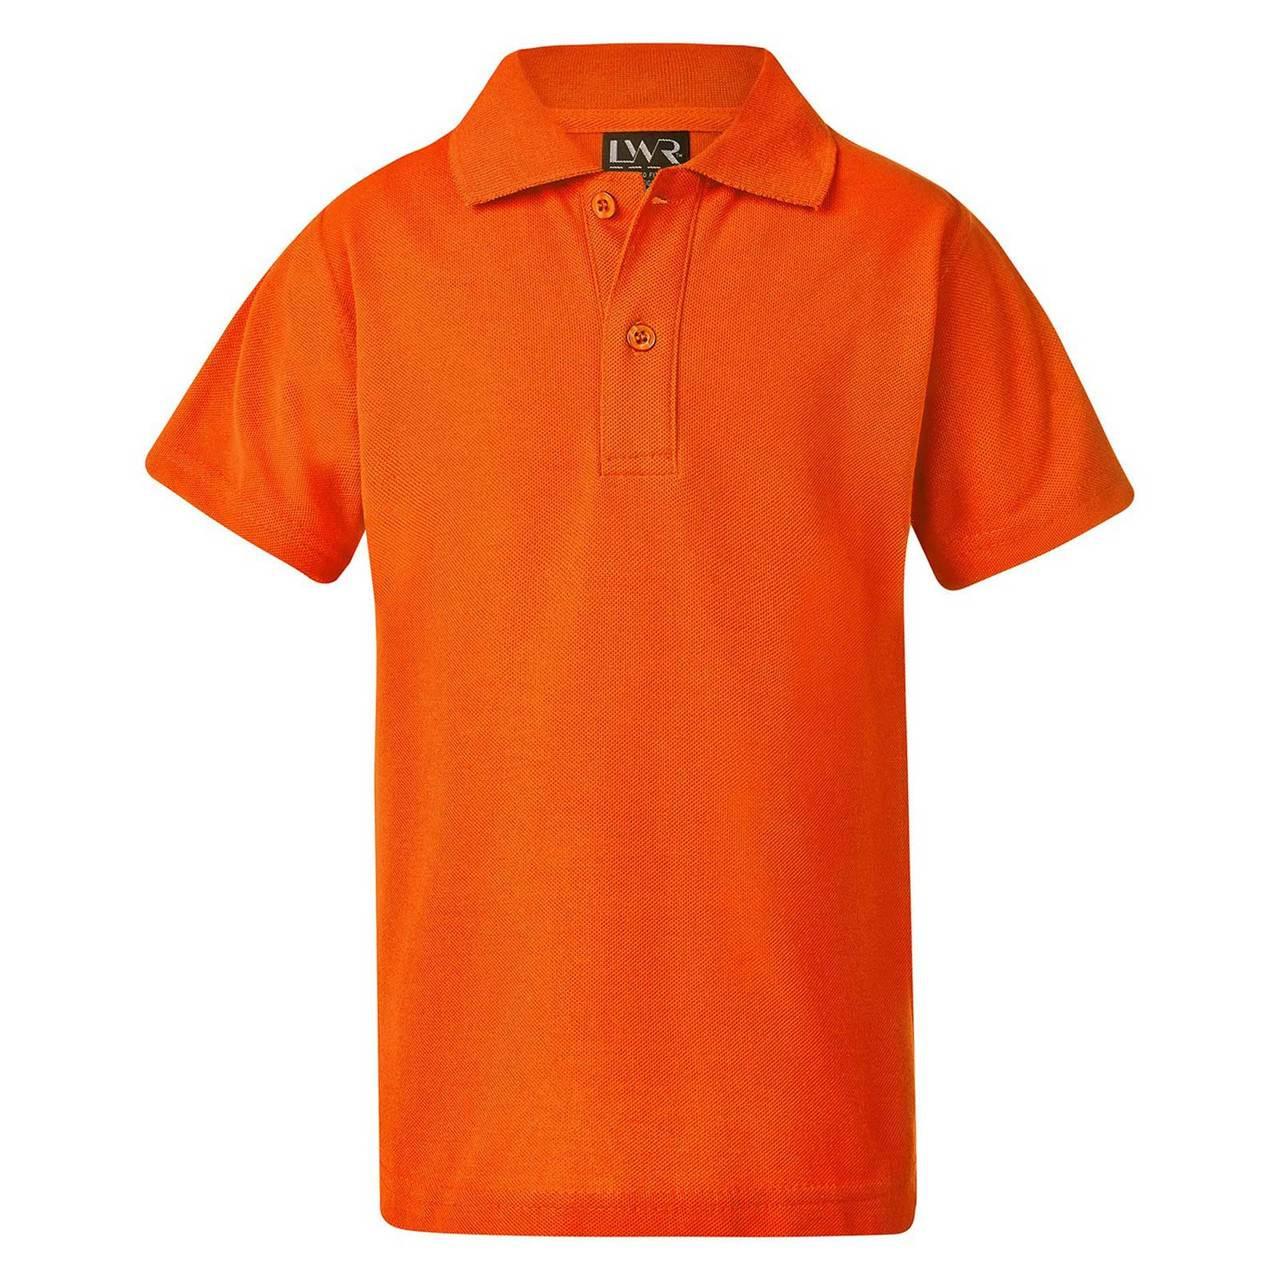 Toowong Unisex Polo Shirts Wholesale Plain Clothing Online